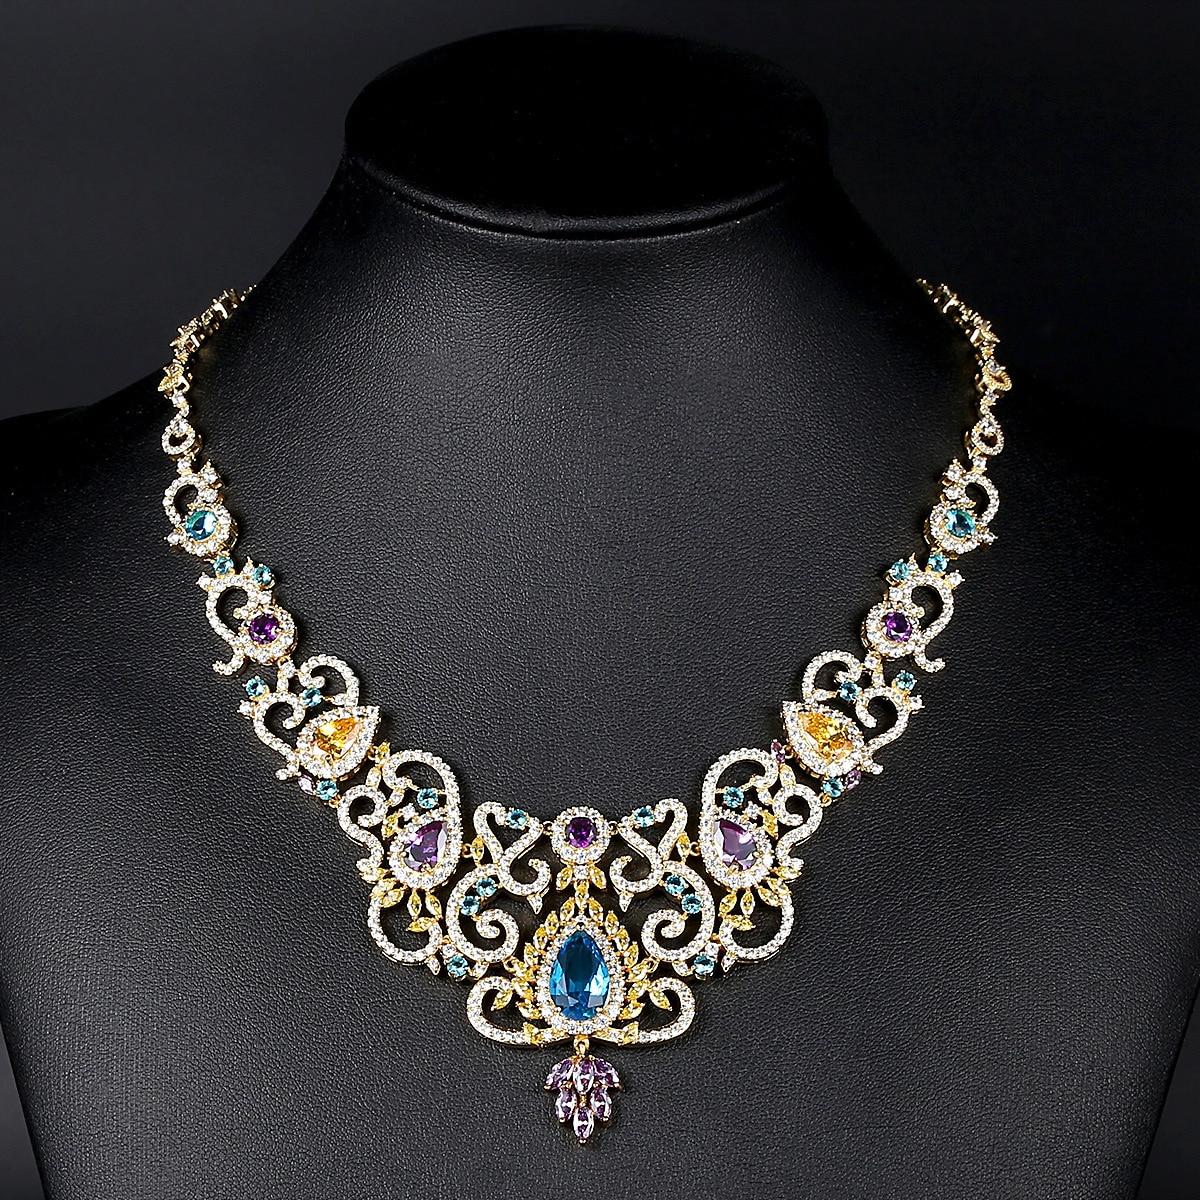 Collier en cristal de zircone de mariée de mariage de luxe de mode de dubaï pour des femmes cadeau collier de bijoux de cour royale de couleur d'or de fiançailles